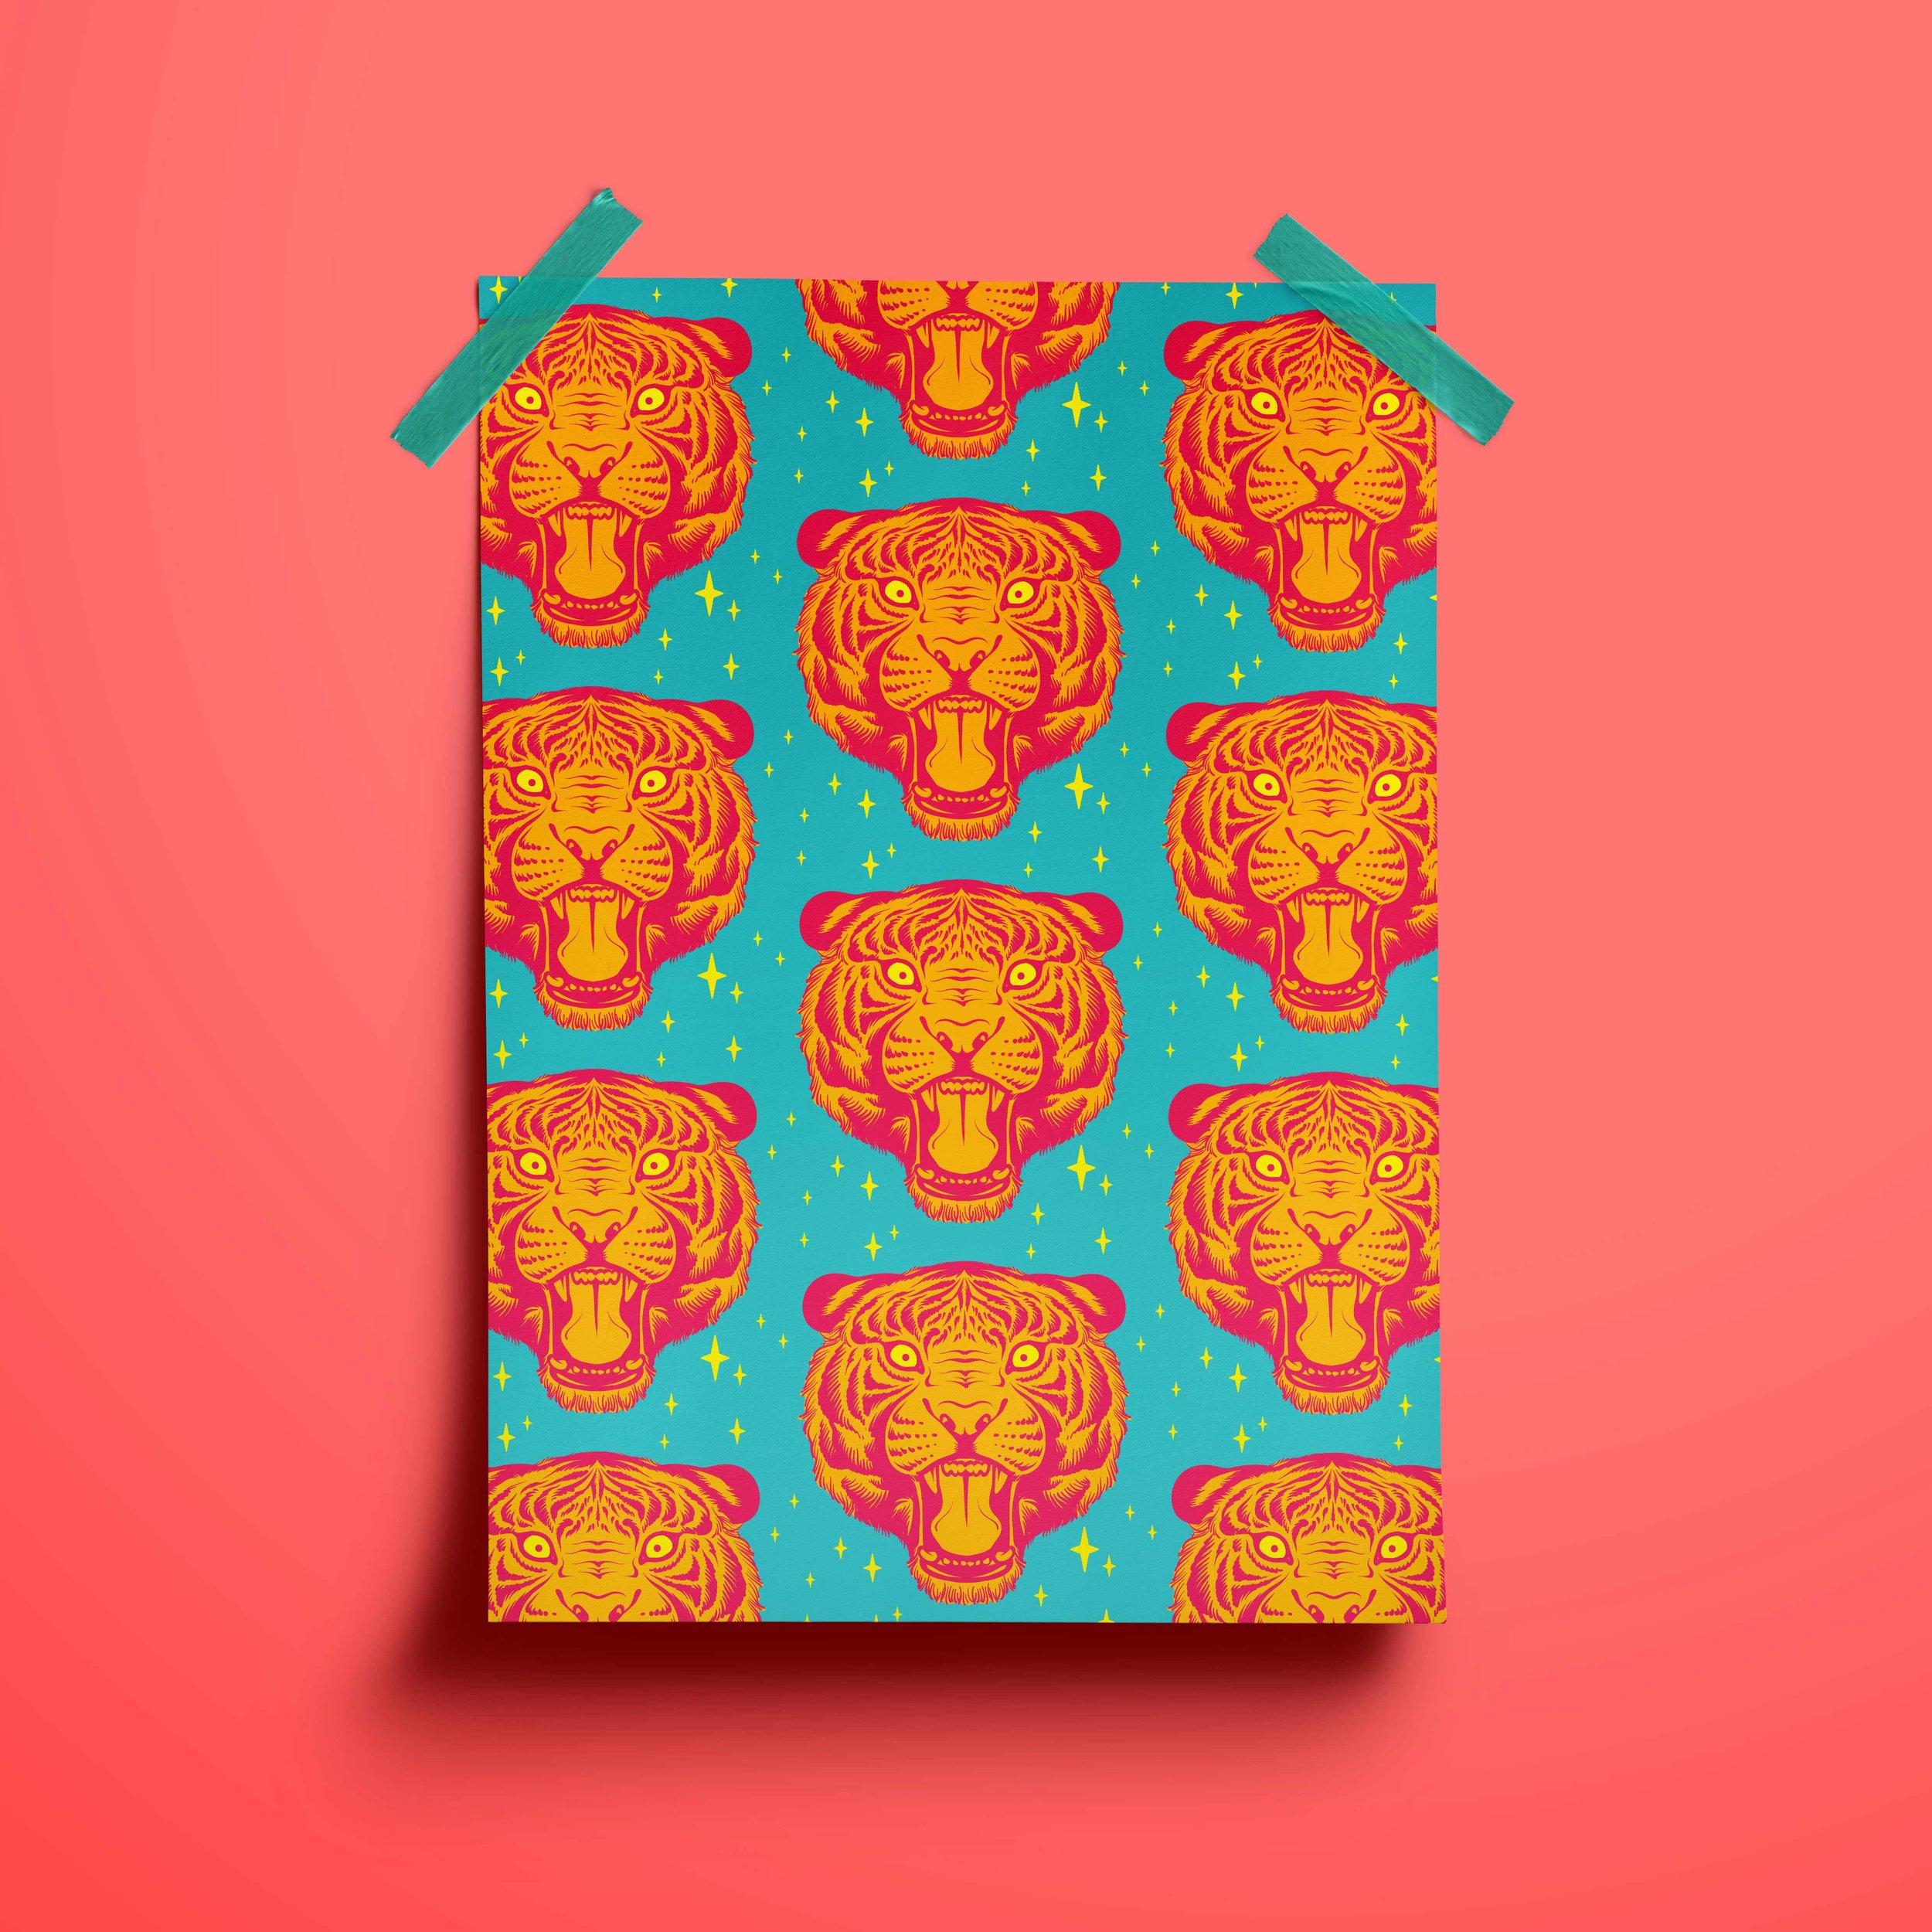 tiger-pattern-fundis-web.jpg